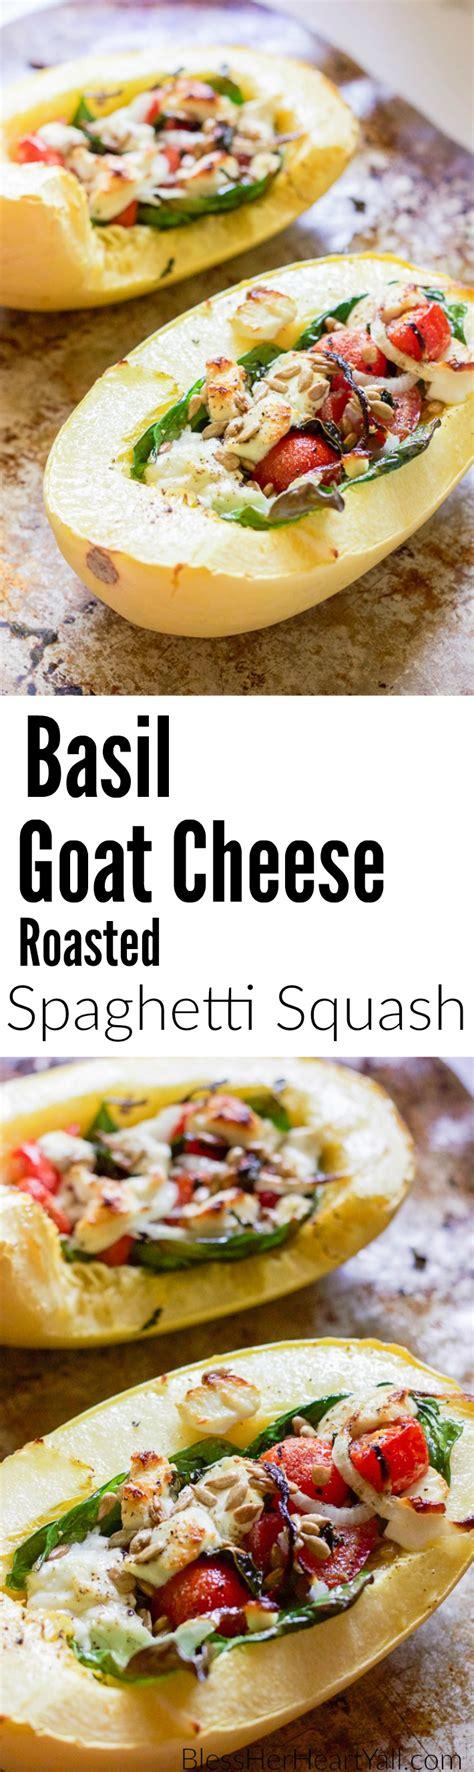 basil goat cheese spaghetti squash bless y all basil goat cheese spaghetti squash bless y all